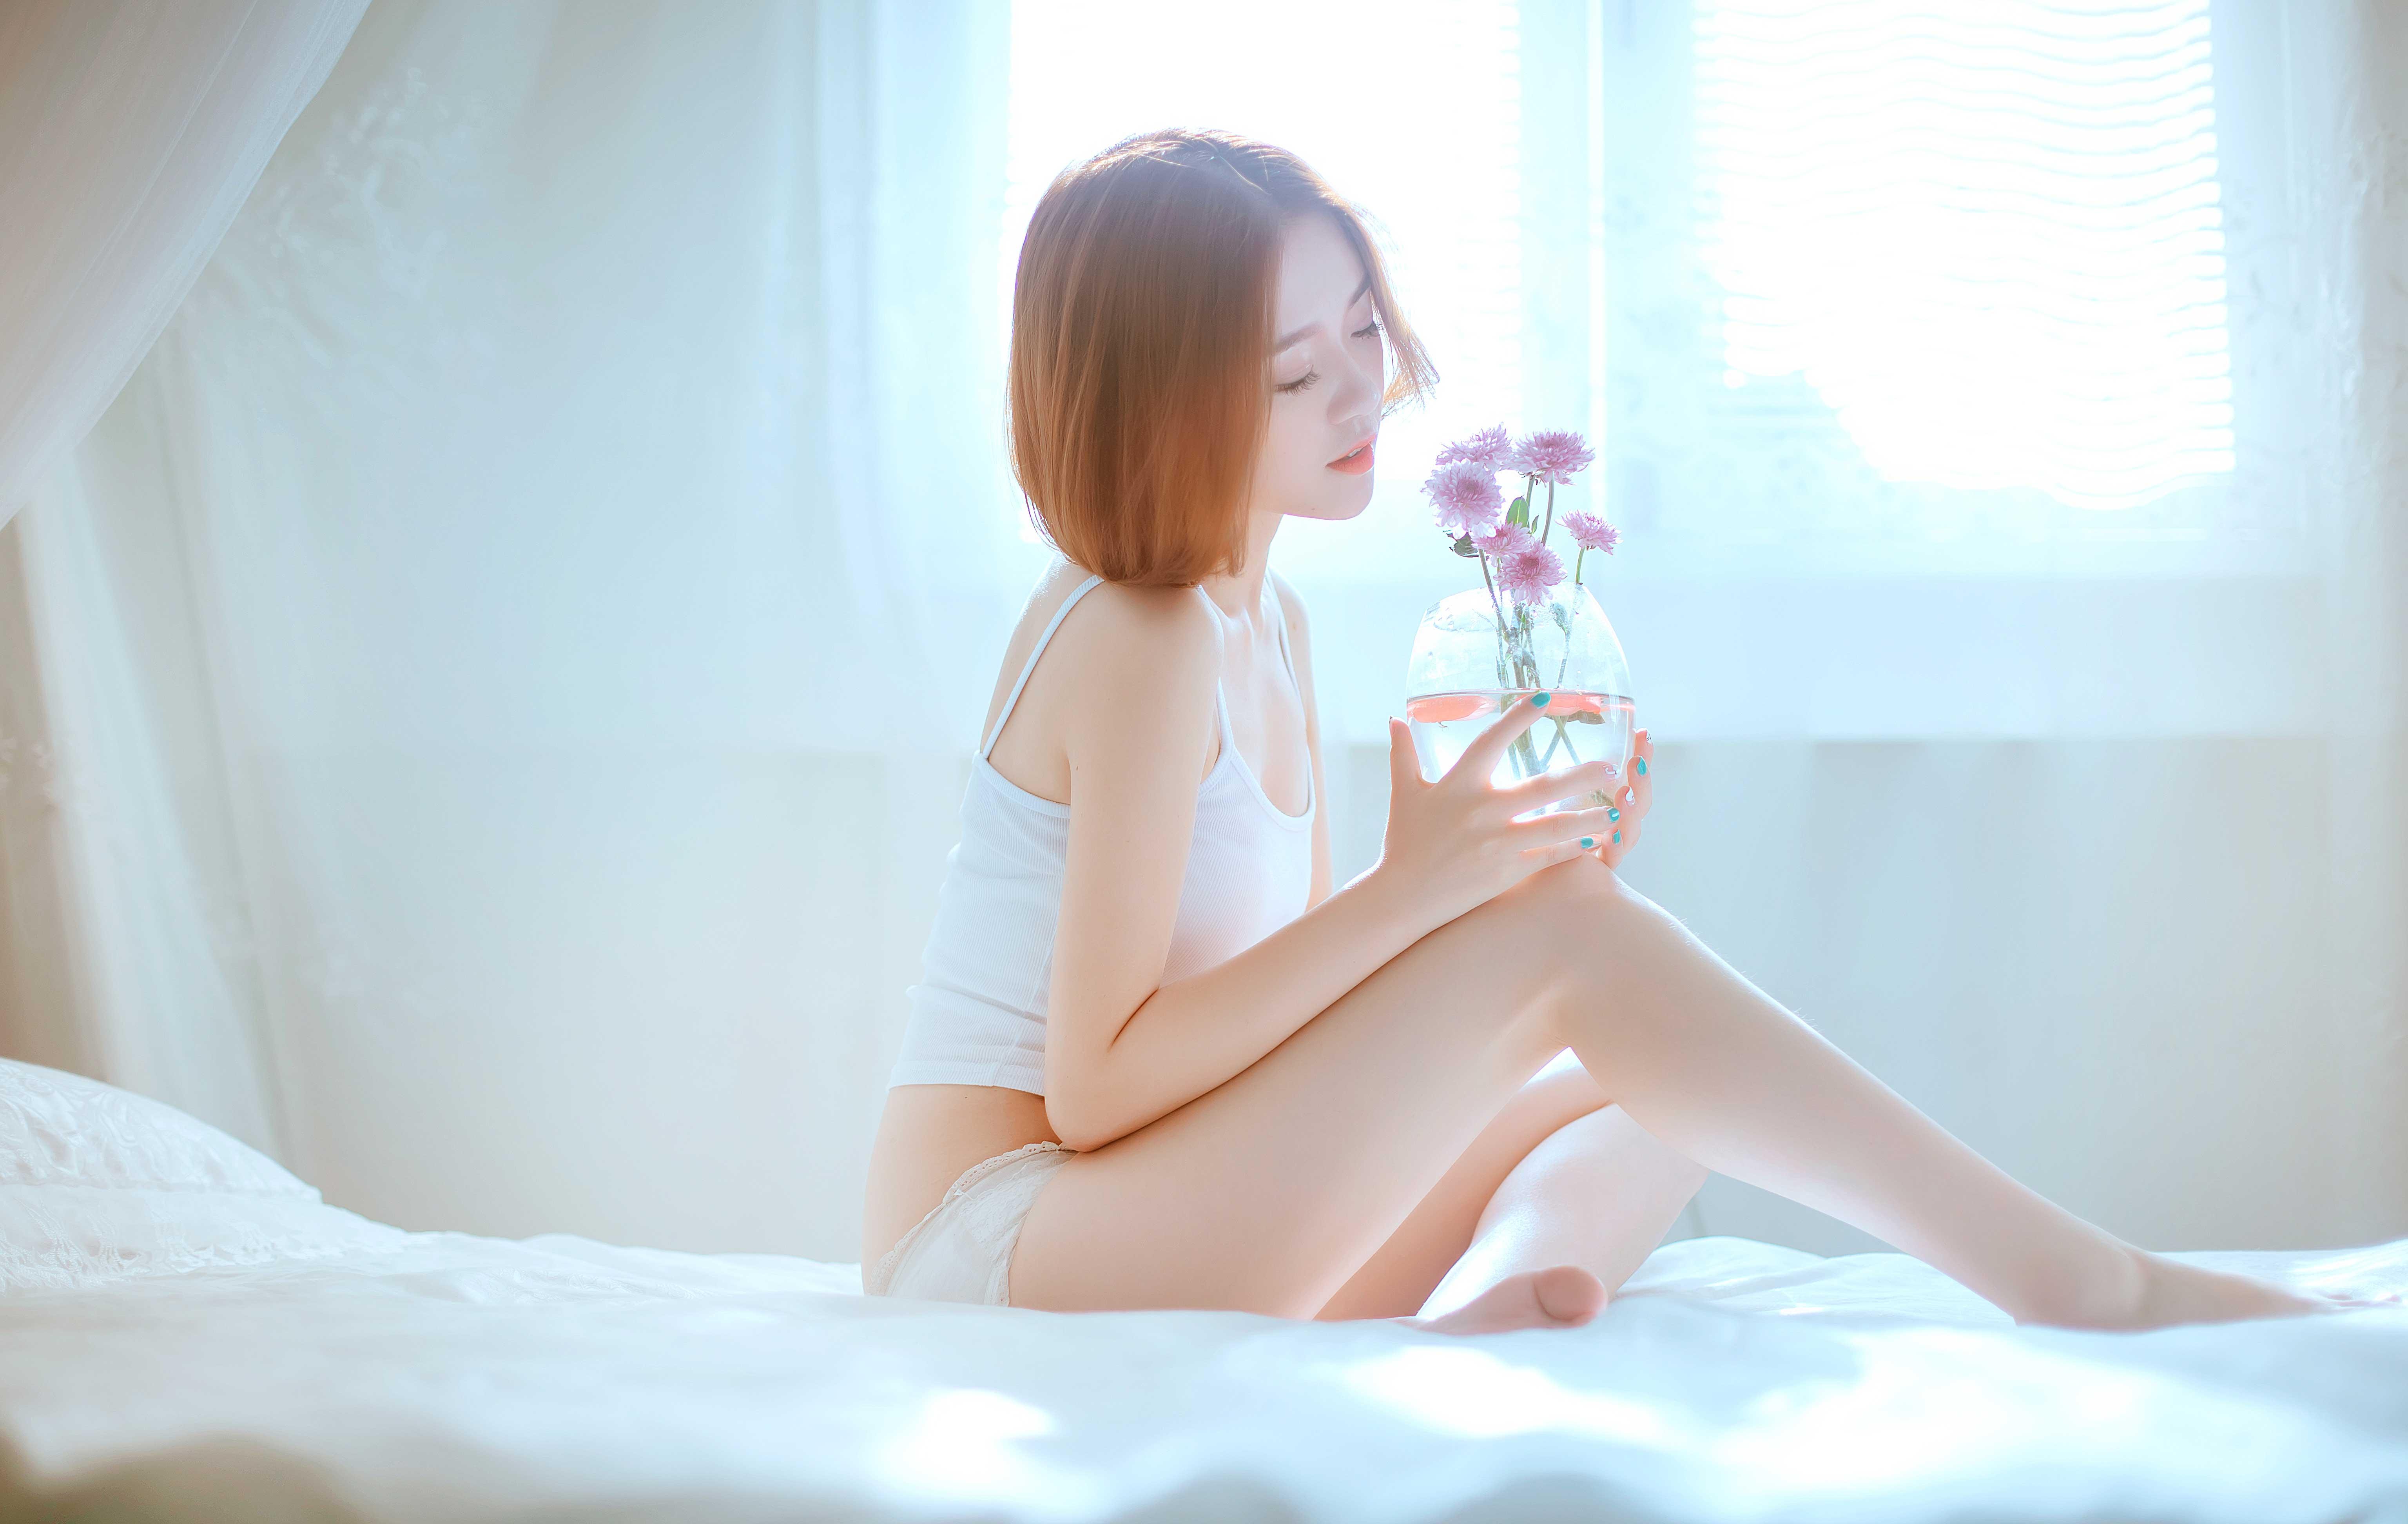 梵秀印象598元花语系列个人写真